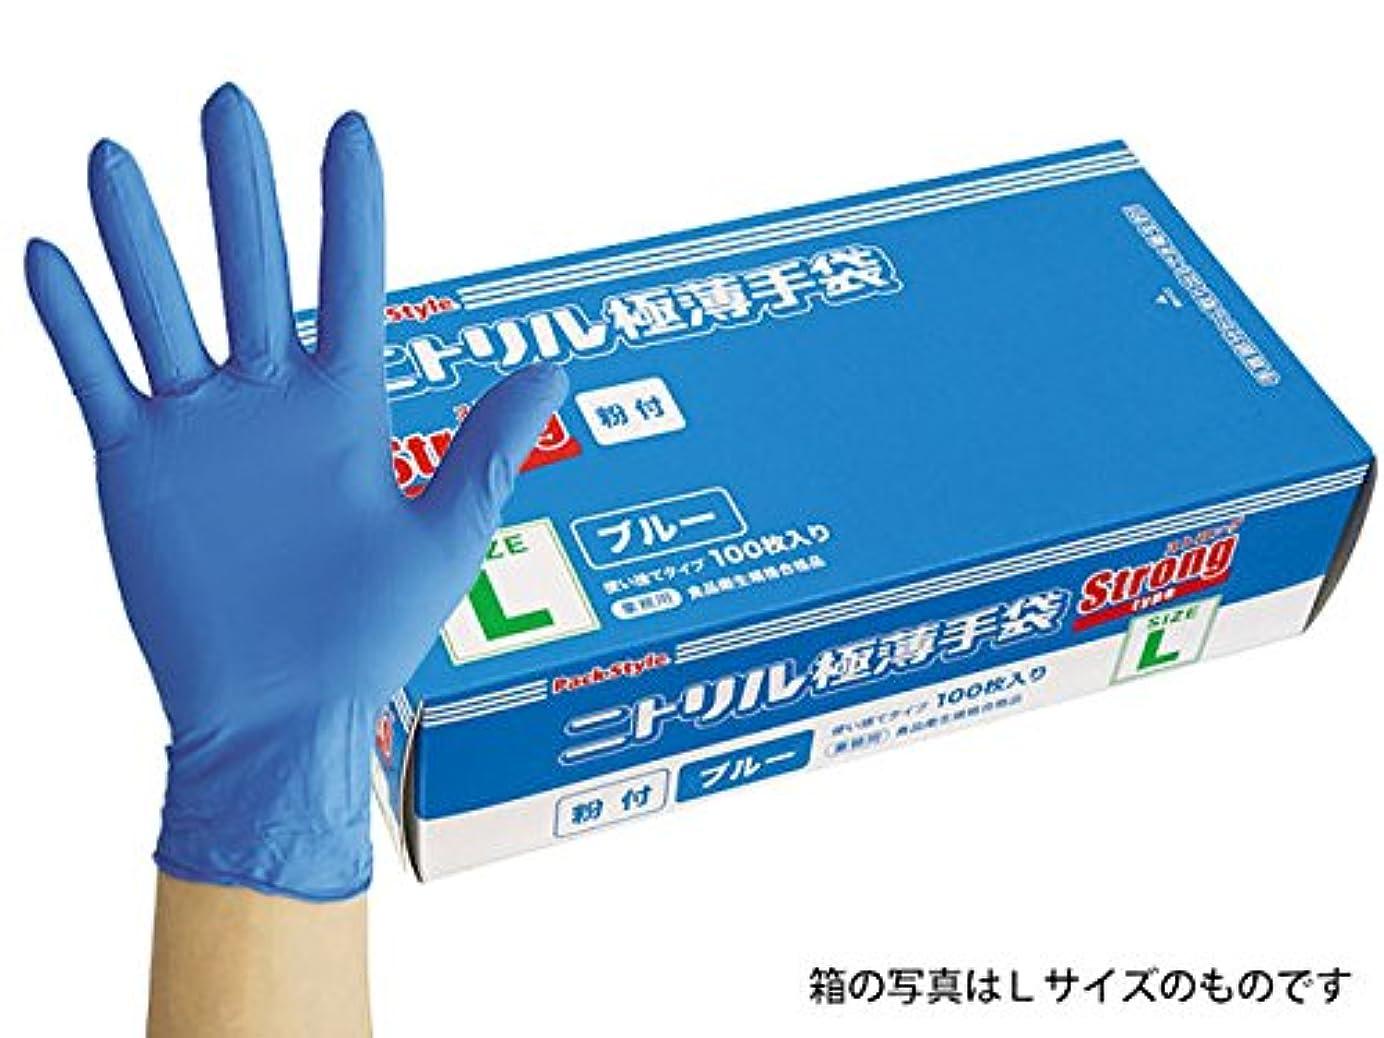 メキシコ威するジーンズパックスタイル 業務用 使い捨て ニトリル手袋 ストロング 青?粉付 S 2000枚 00535796